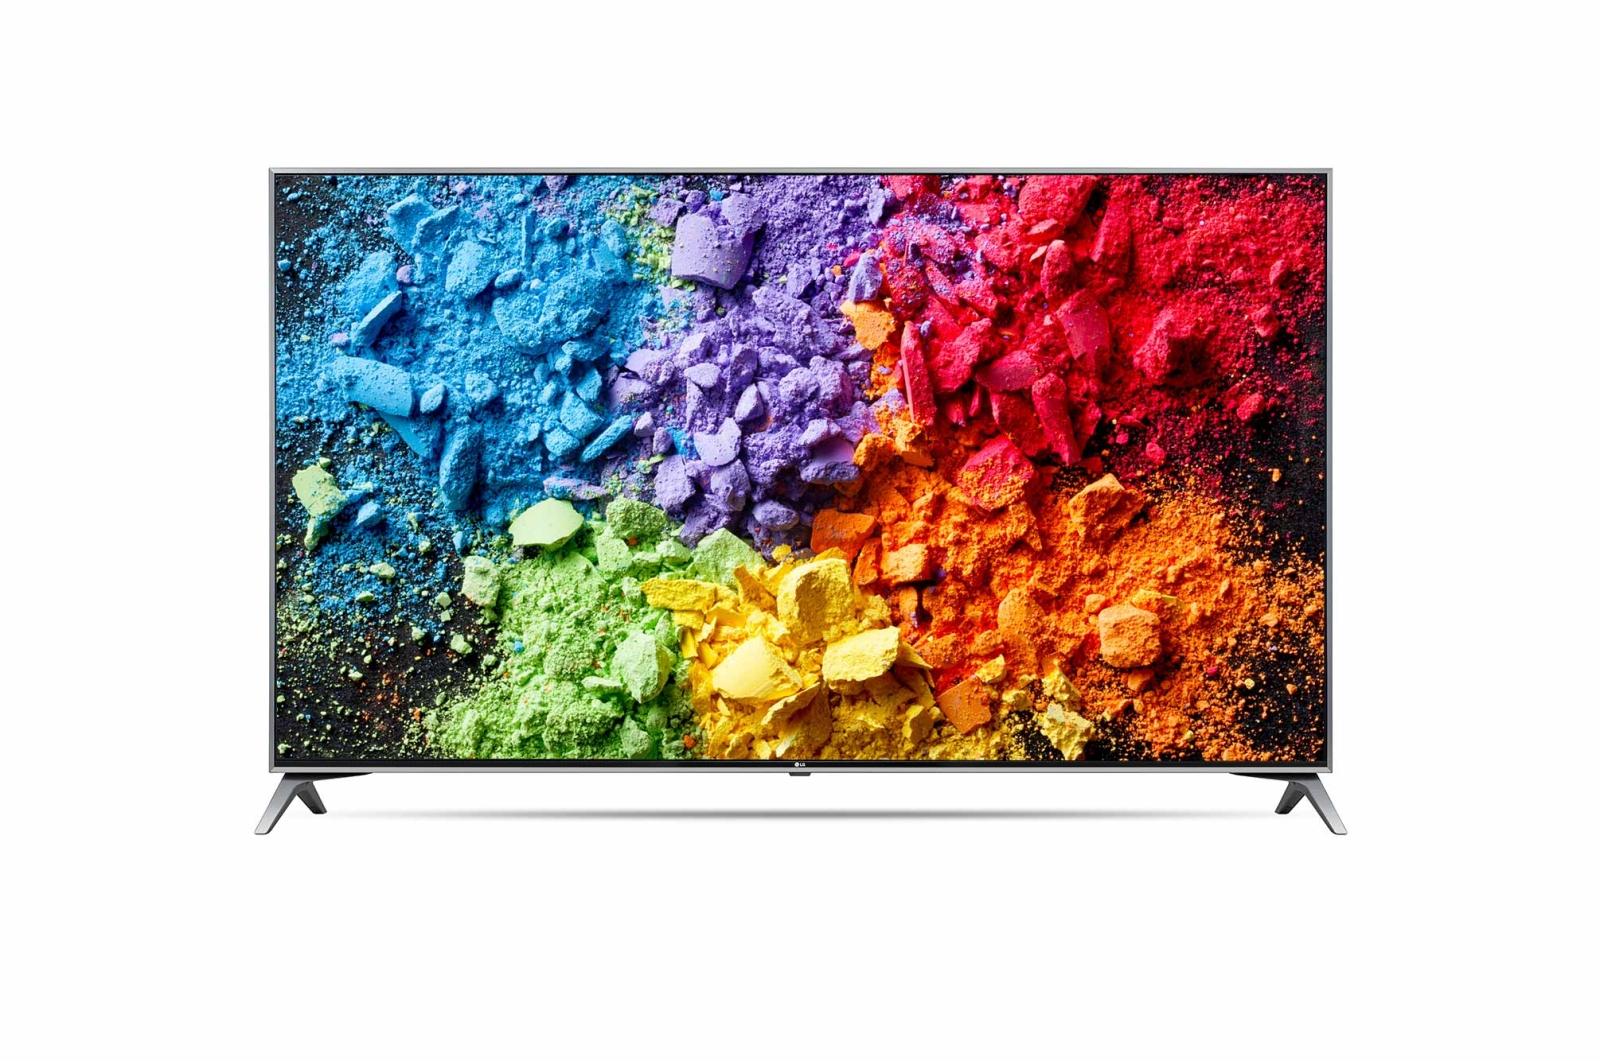 AMAZON.de l LG 55SK7900PLA 139 cm Nano Cell (55 Zoll) Fernseher Super UHD